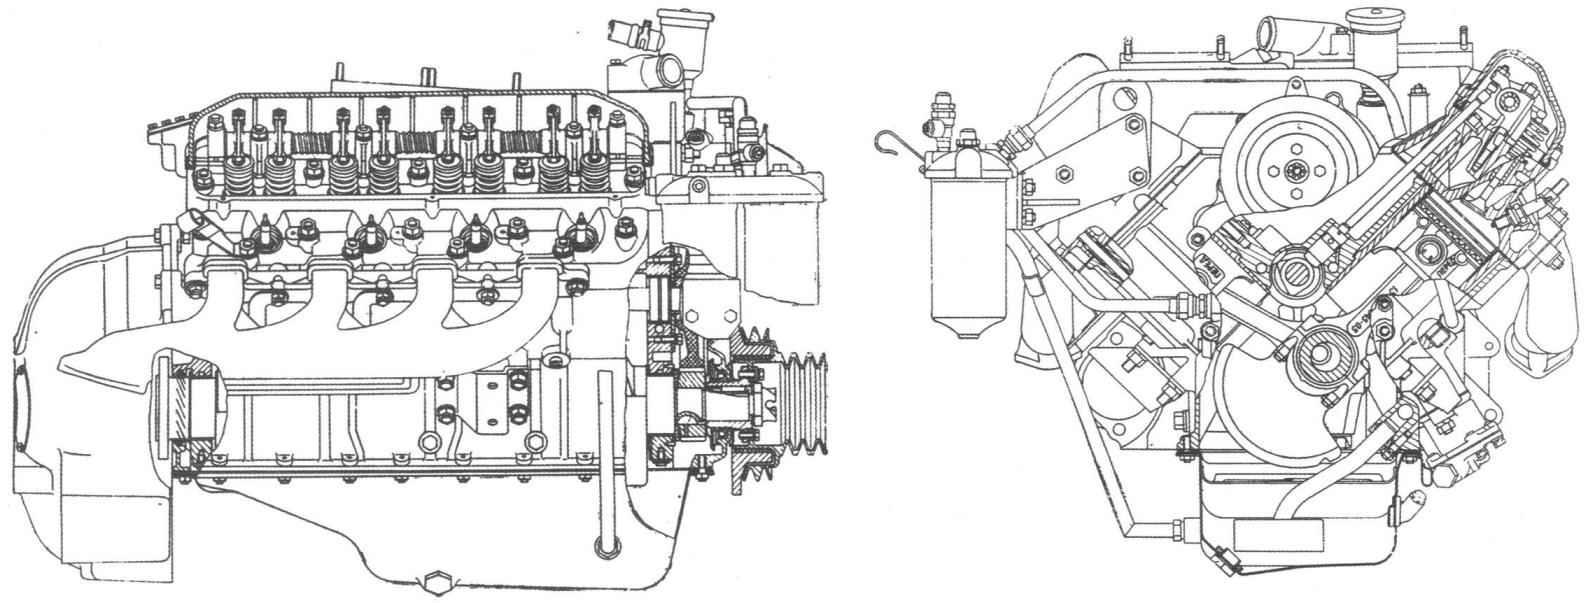 Восьмицилиндровый V-образный двигатель ЗМЗ-14 (ГАЗ-14)